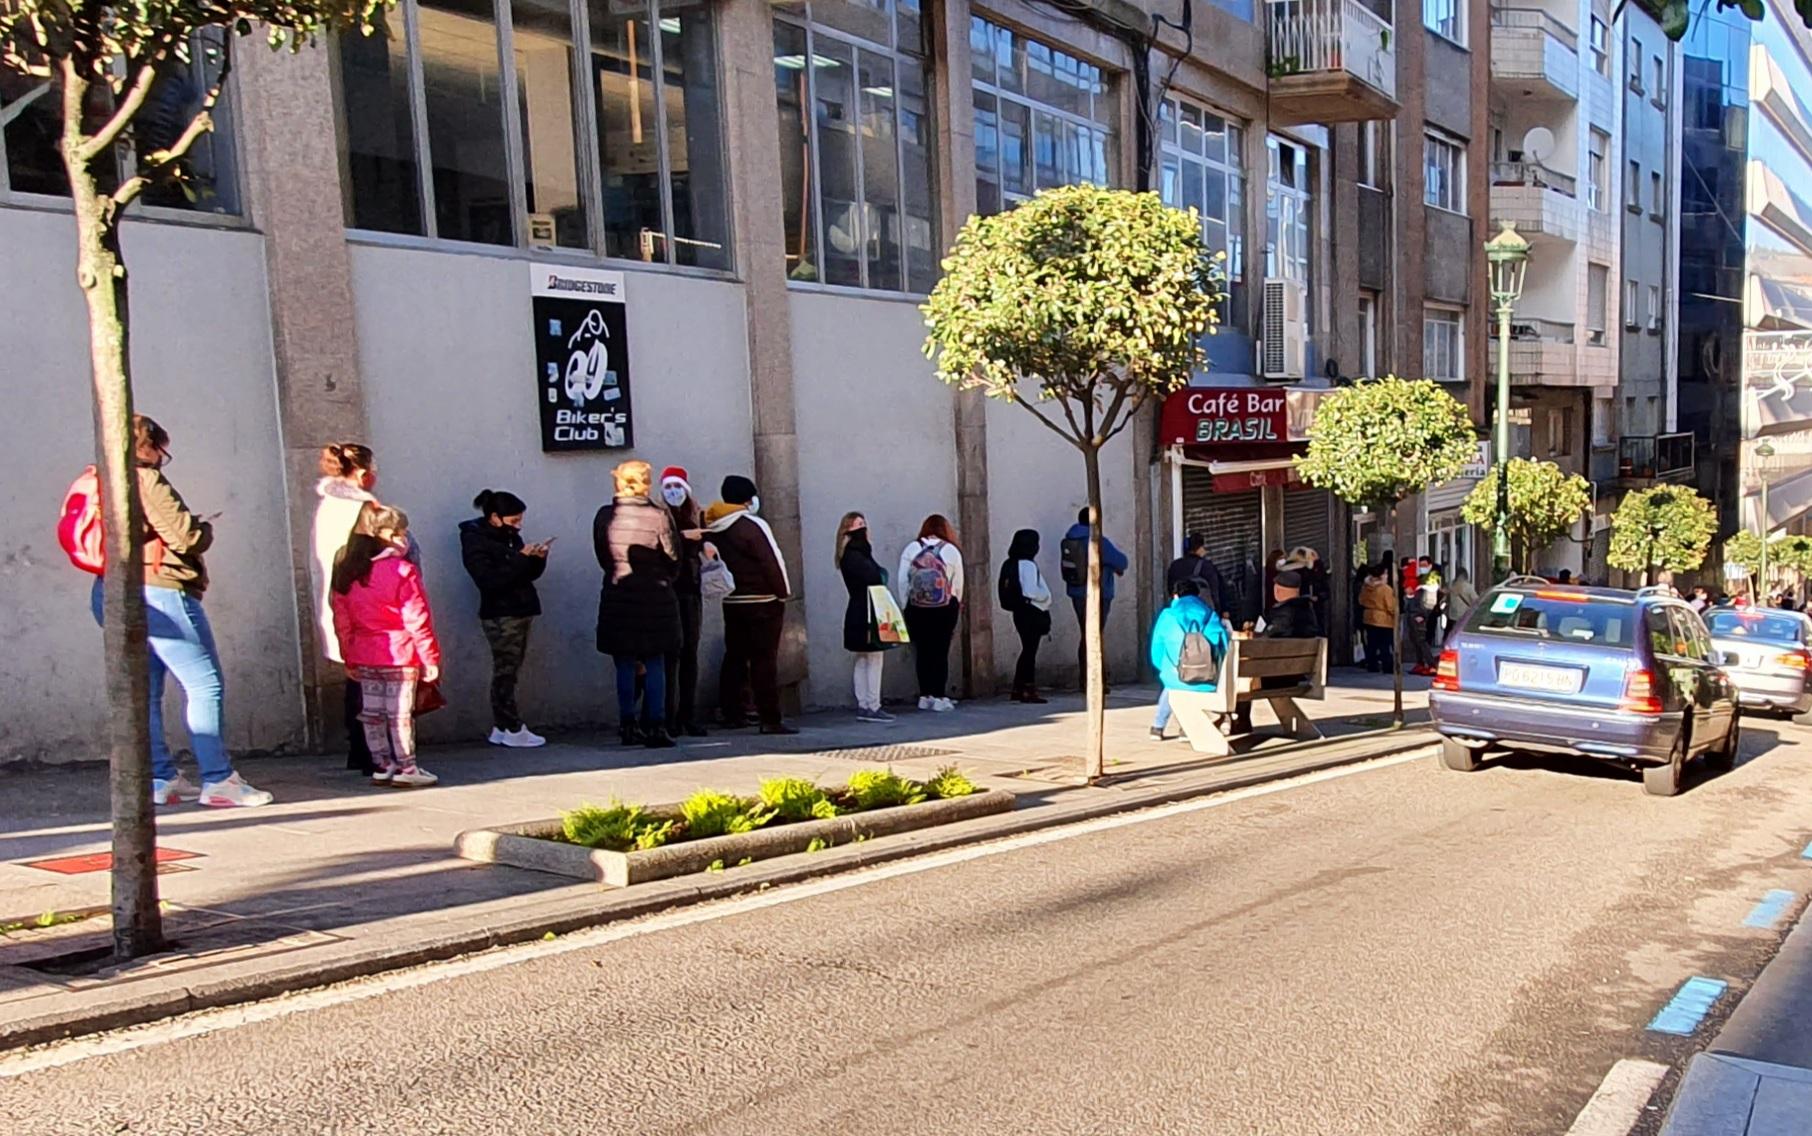 Decenas de personas esta mañana esperando para recoger alimentos en Vida Diga, en la rúa Brasil